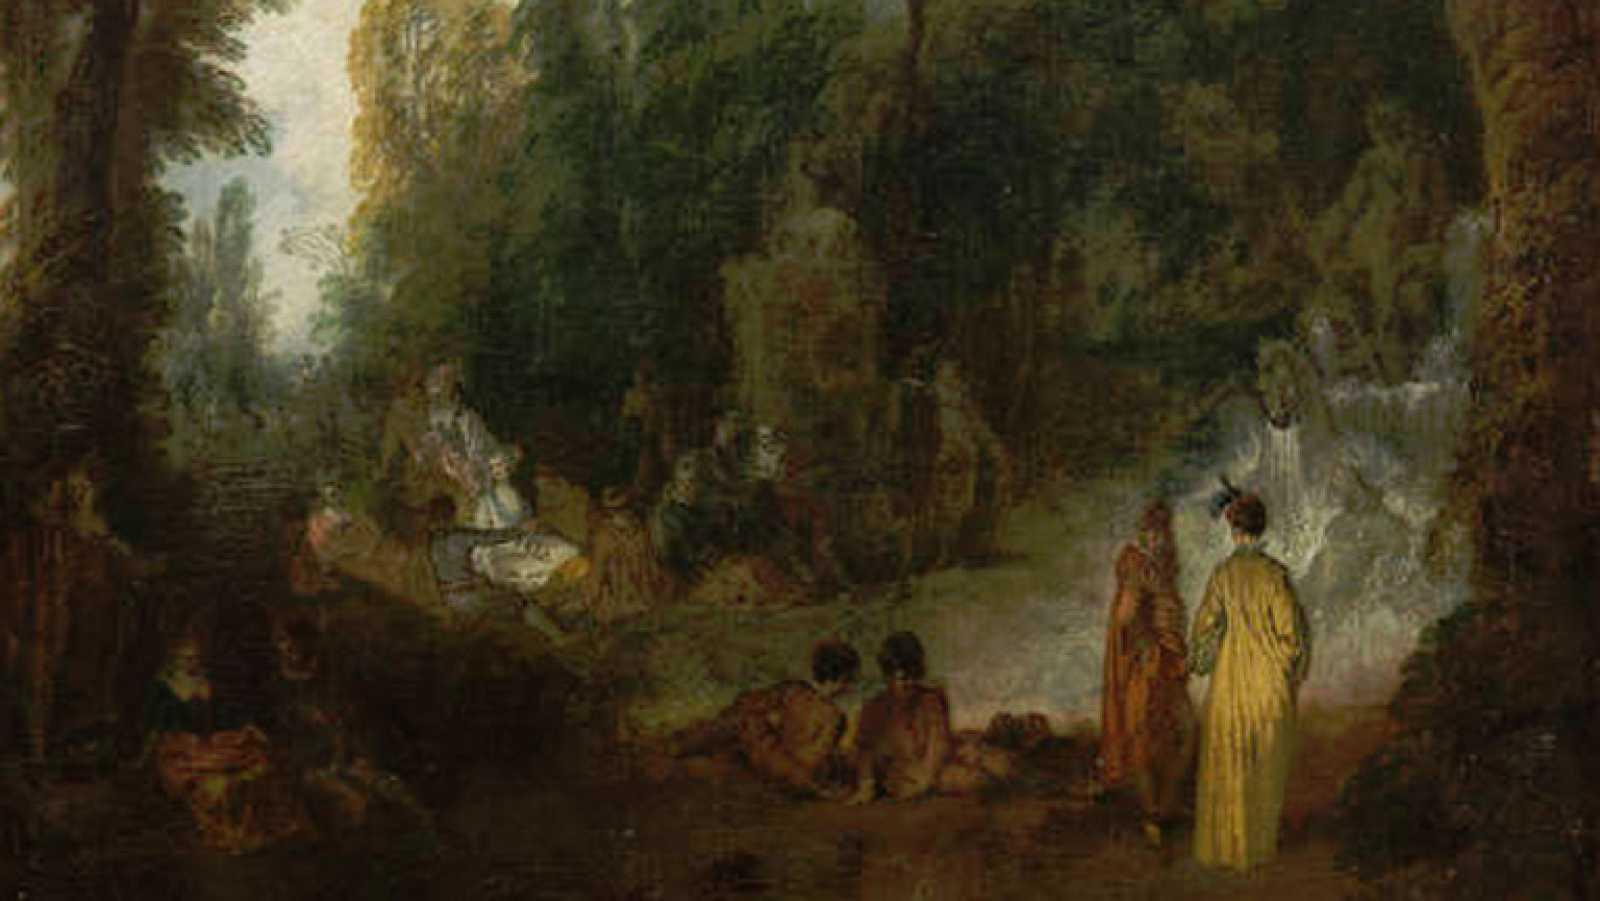 Mirar un cuadro - Fiesta en un parque (Watteau)